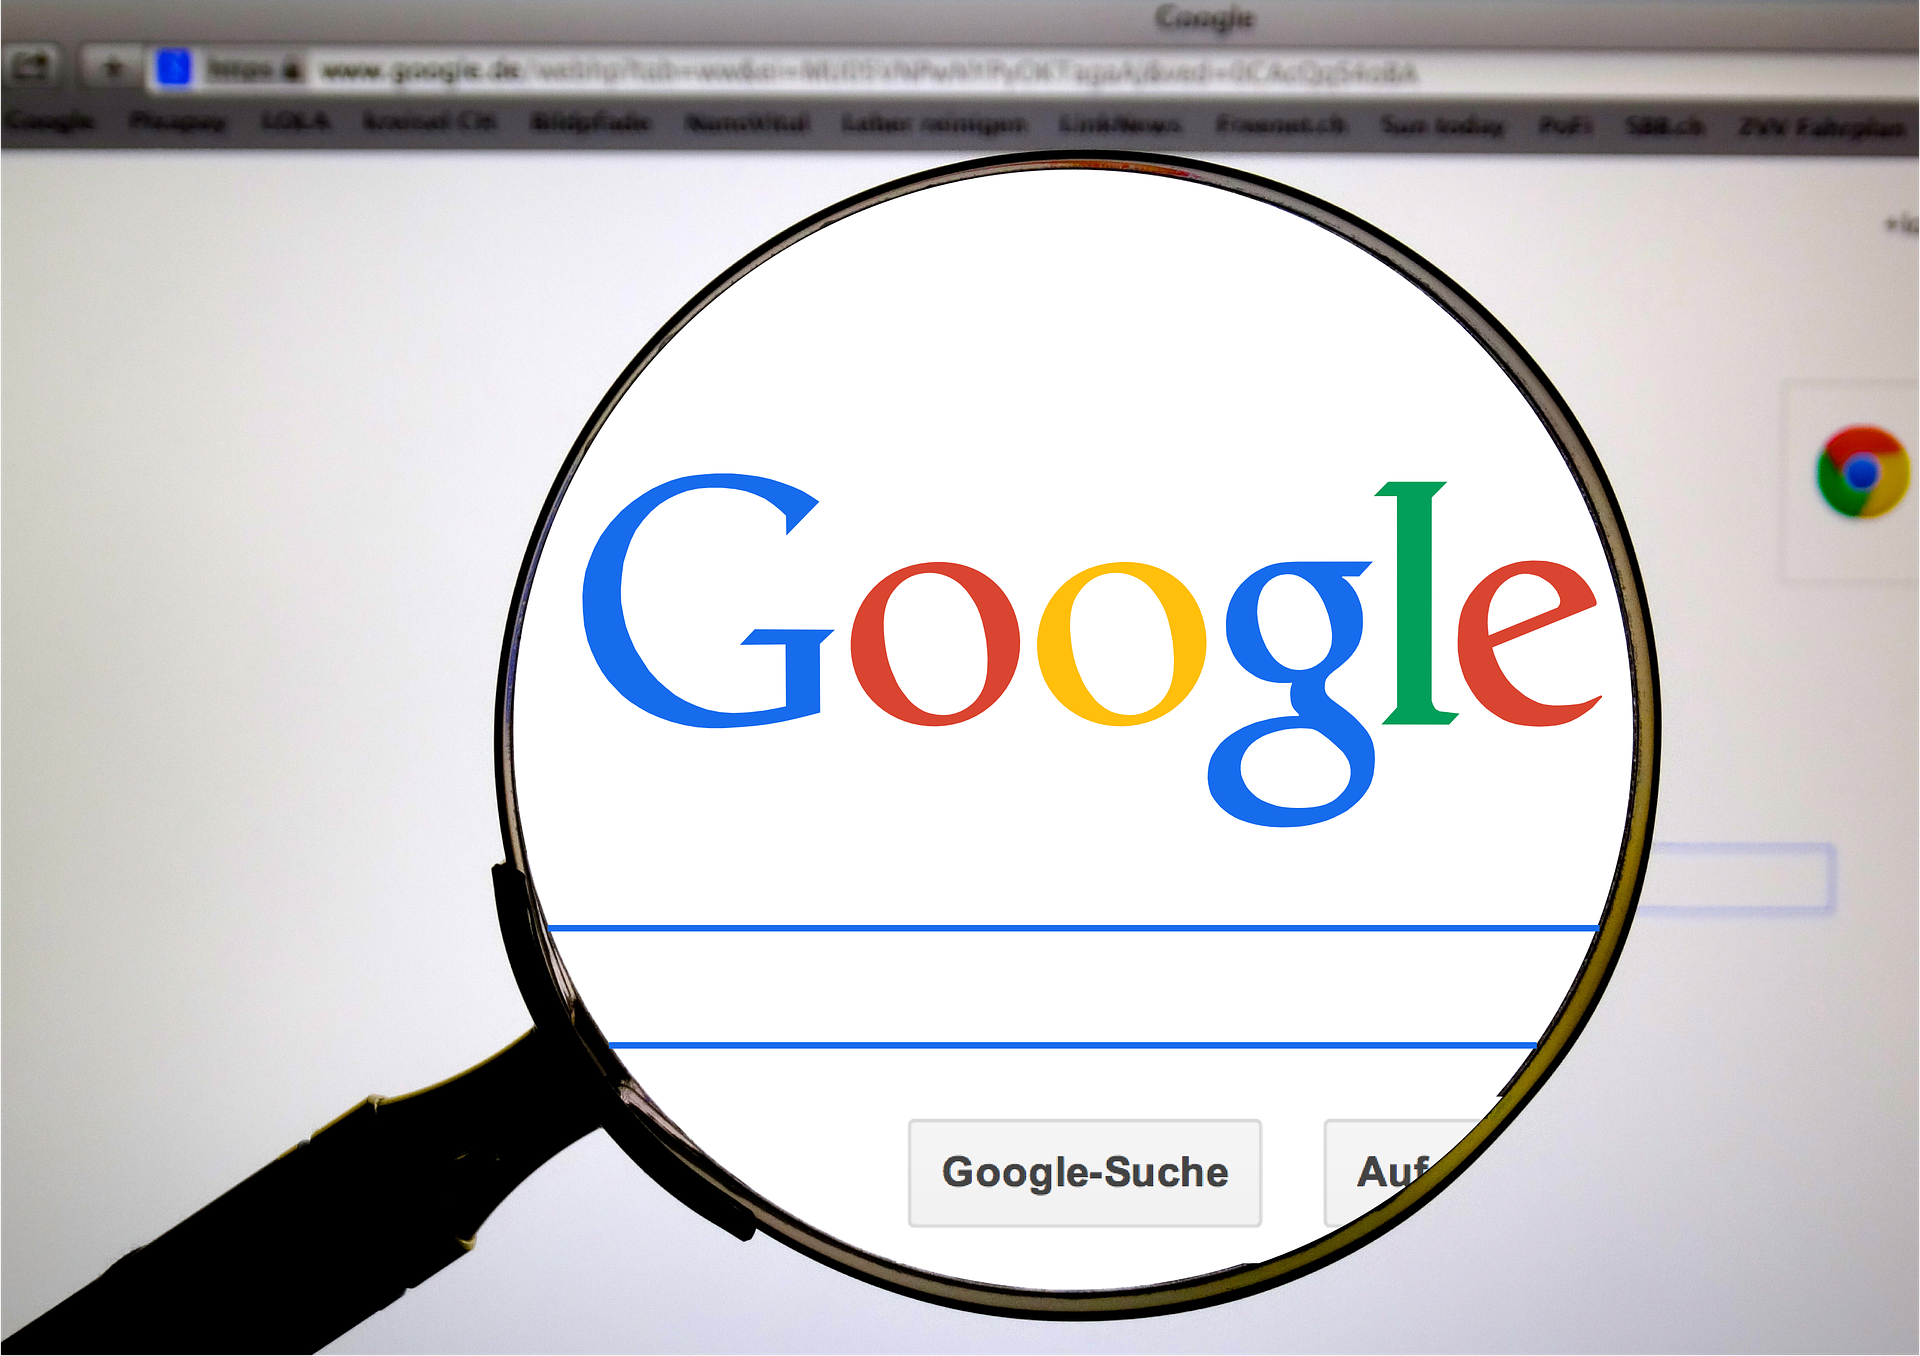 Suchmaschinen bzw. Suchmaschinenoptimierung